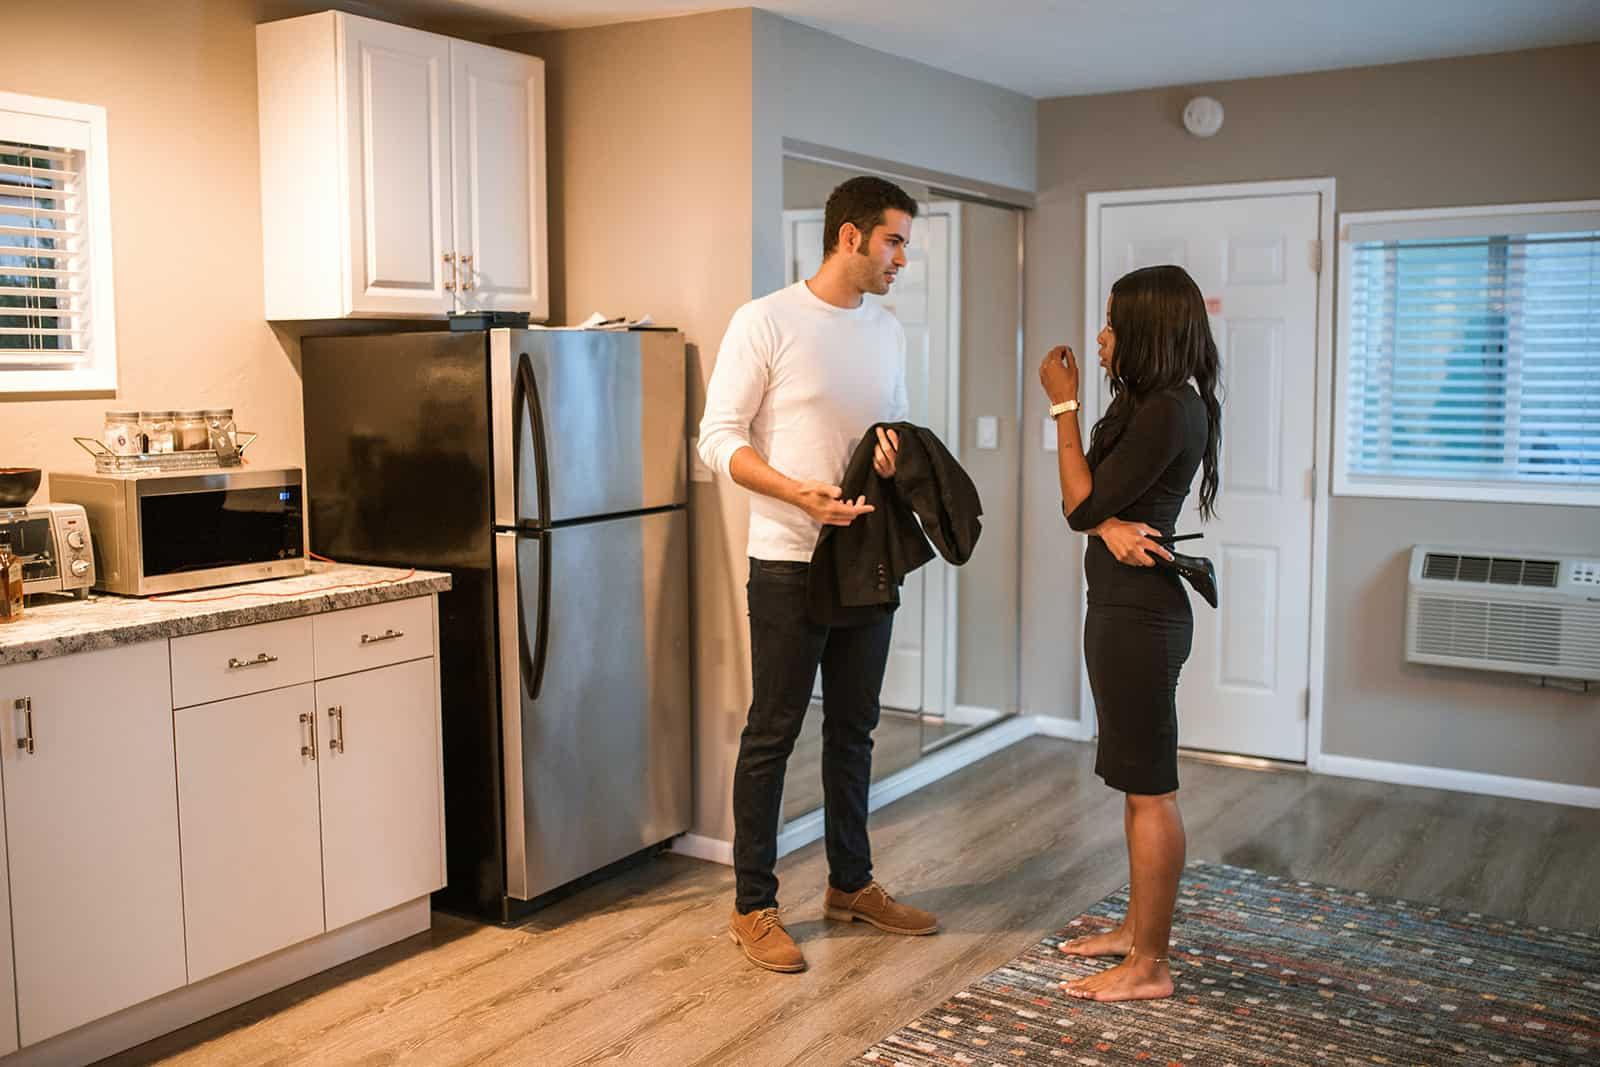 verärgerte Frau im Gespräch mit einem Mann, der in ihre Wohnung kam